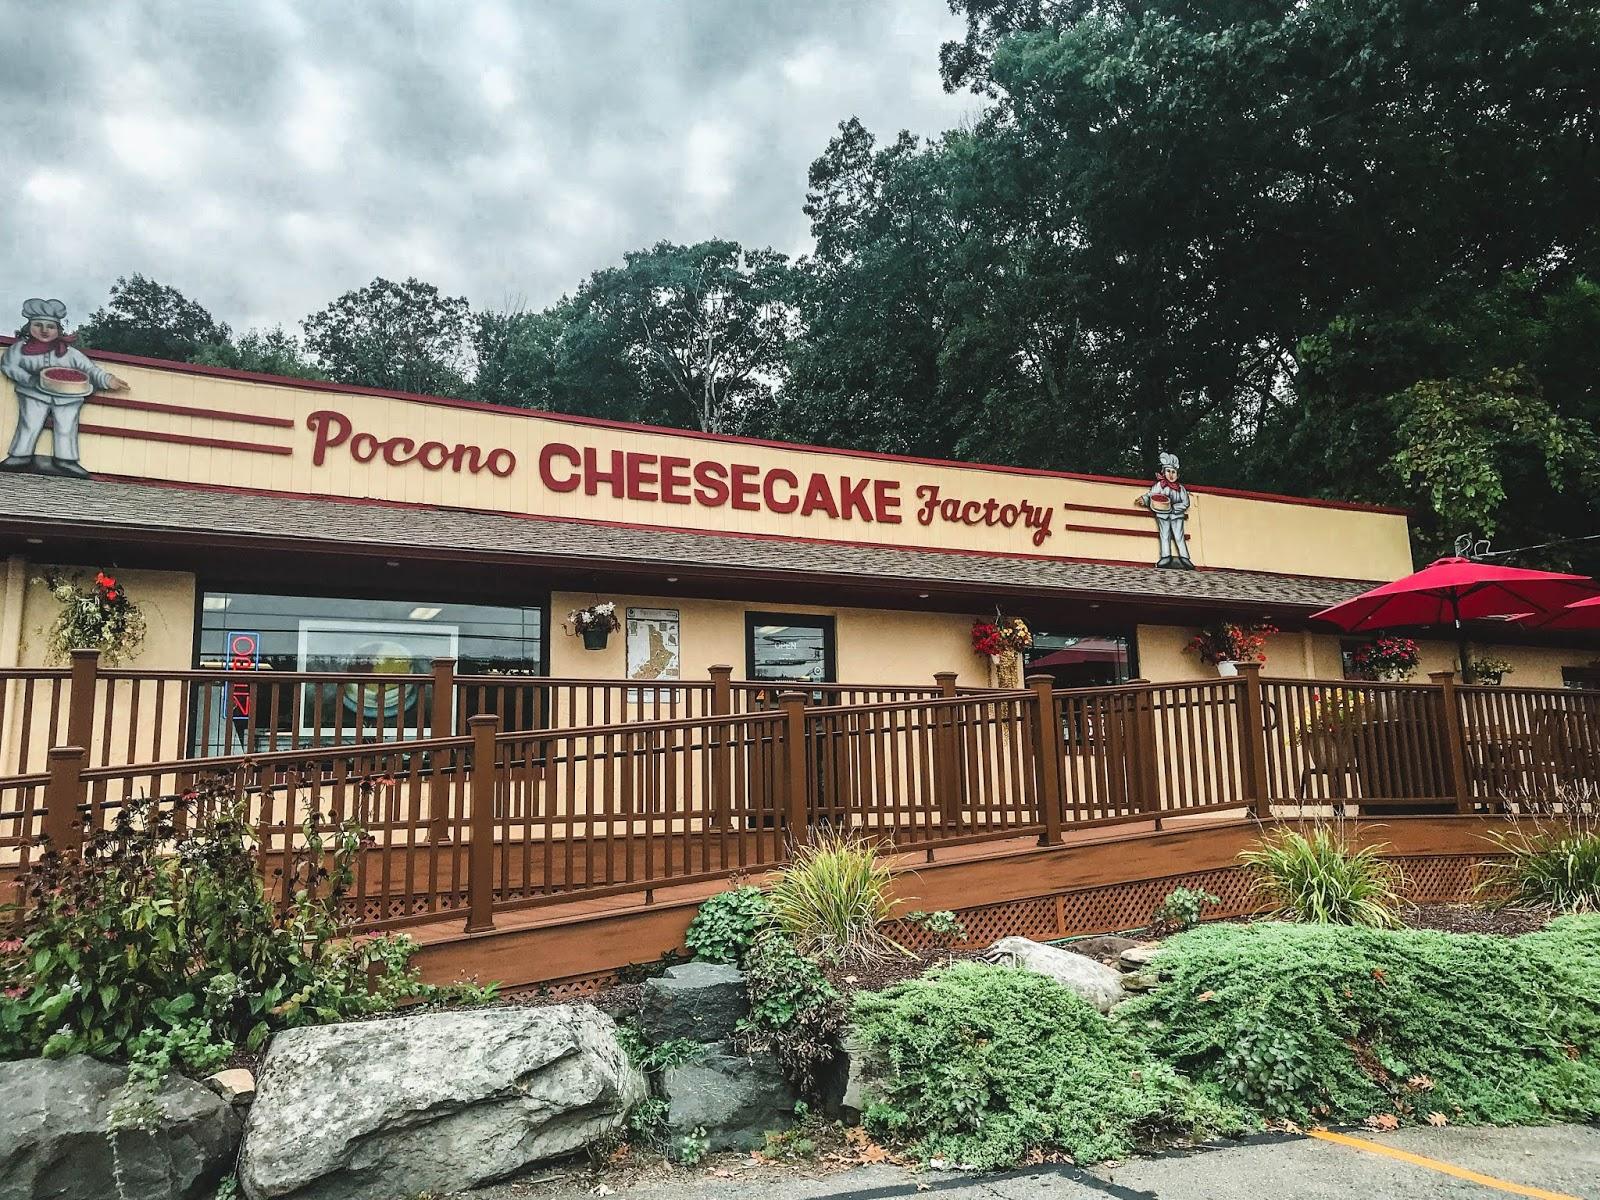 Pocono Cheesecake Factory Pennsylvania